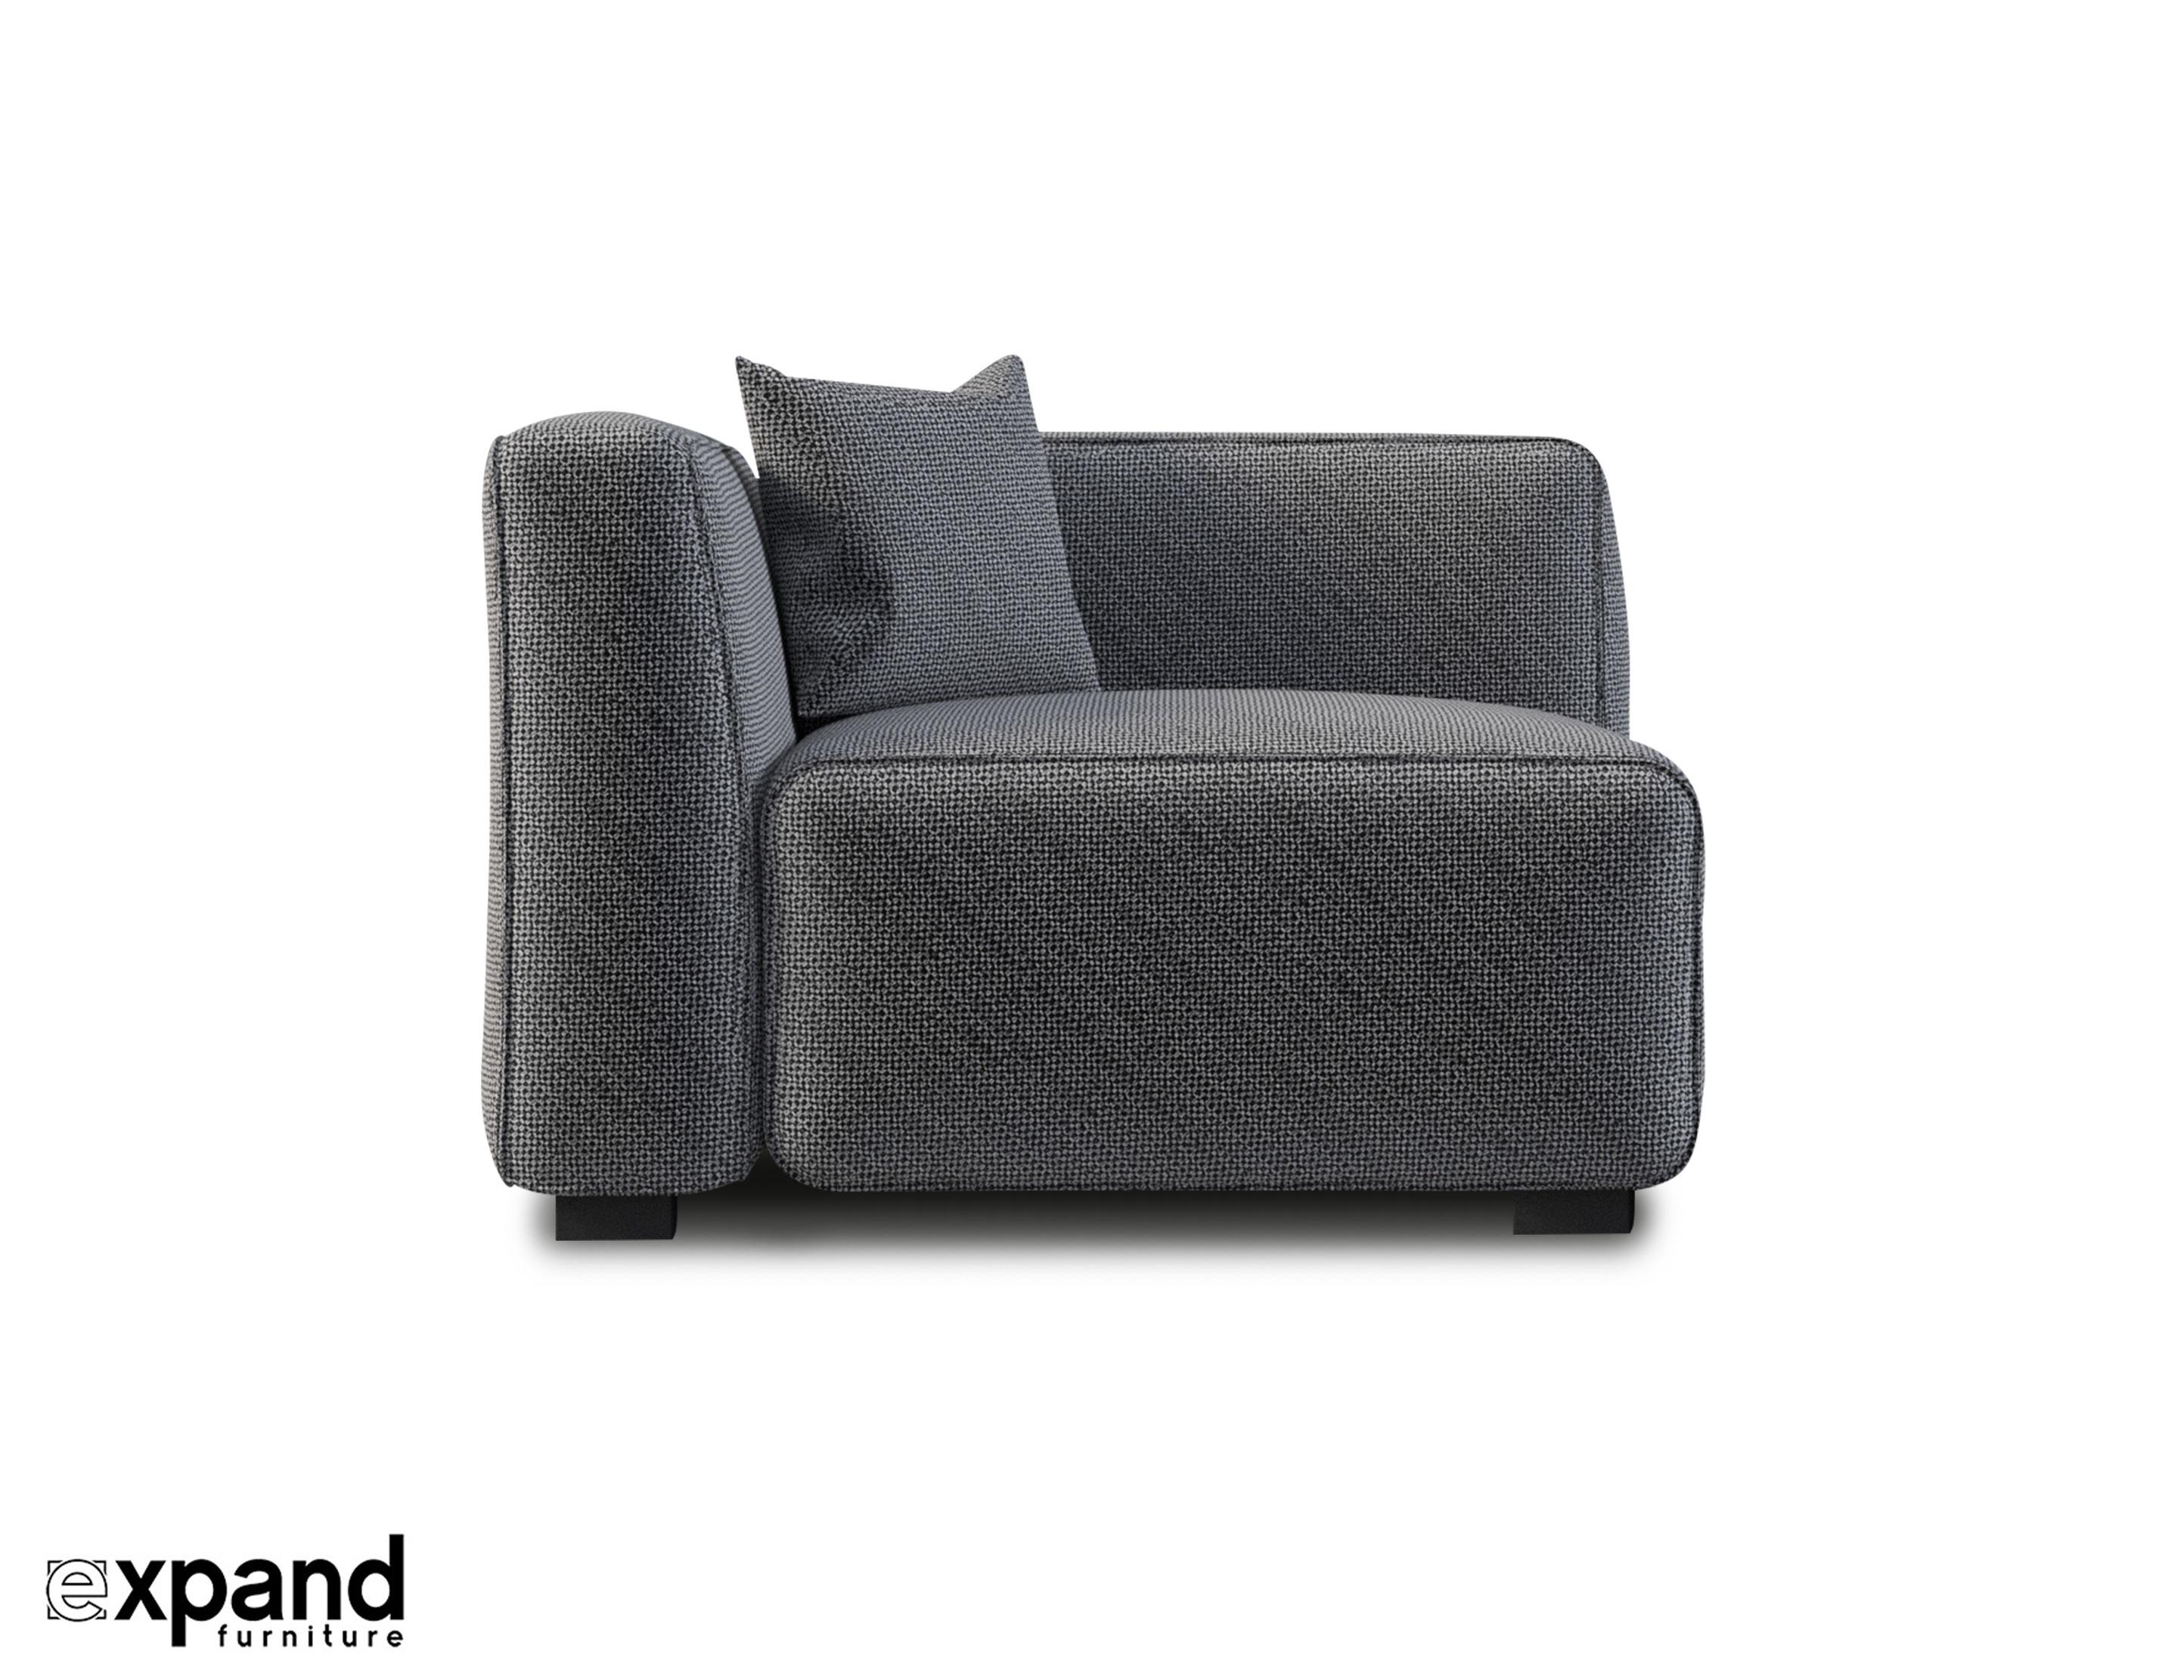 Soft Cube: Modern Modular Corner Seat Module